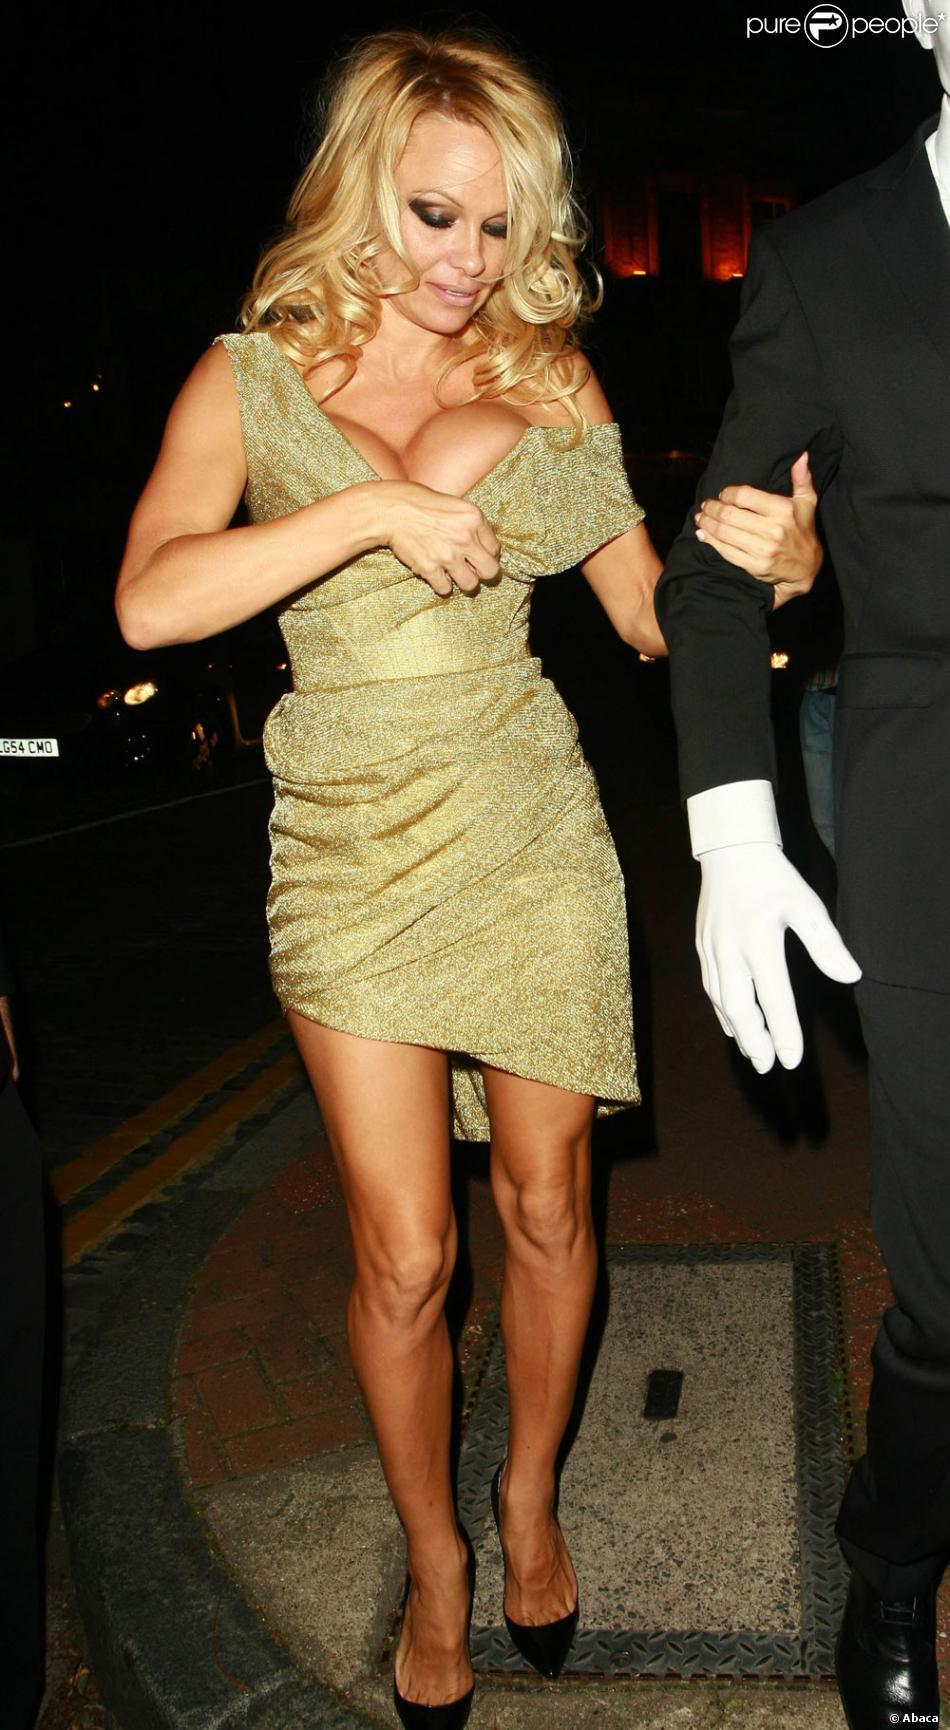 Pamela anderson n 39 a pas les plus beaux genoux du monde - Les plus beaux rideaux du monde ...